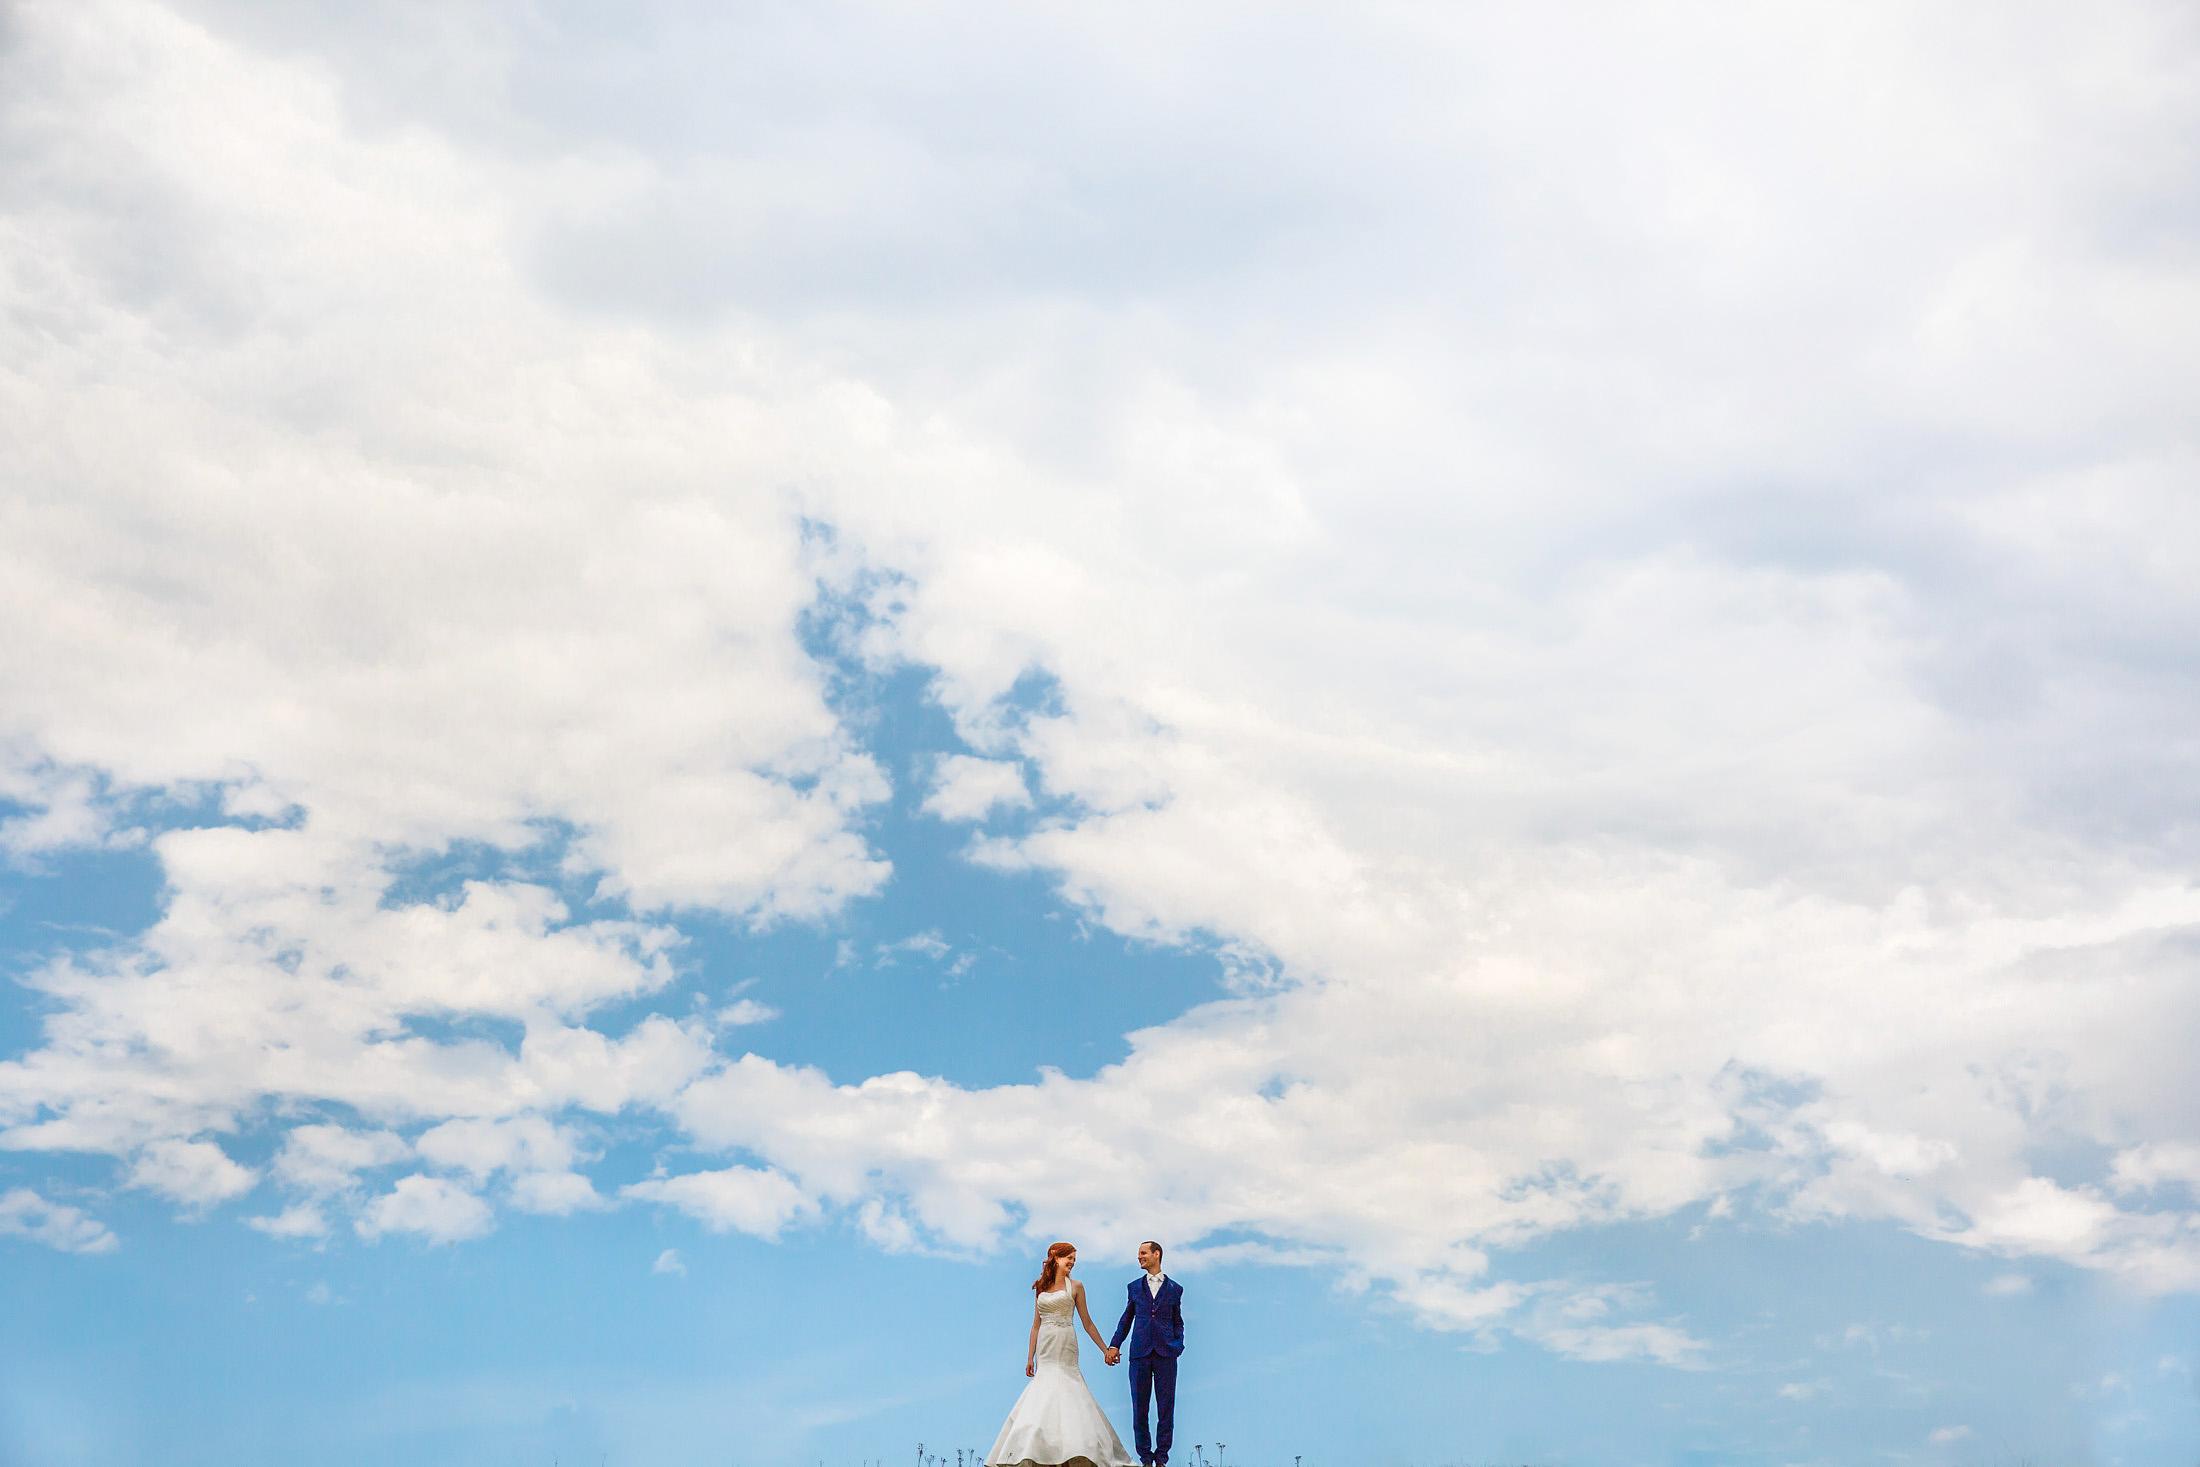 Boerderij Bruiloft in Ransdorp